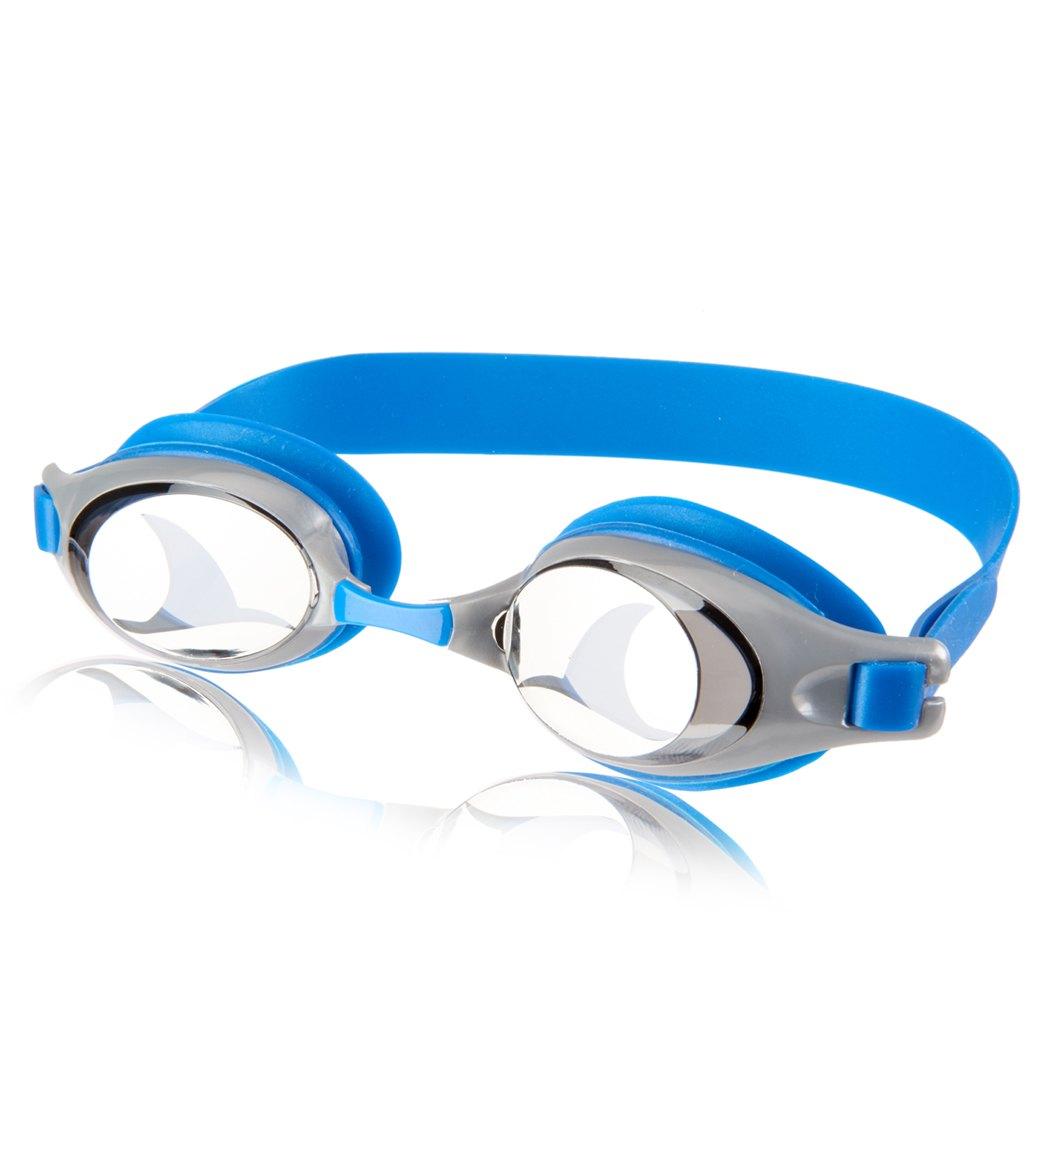 081832020b8 Sporti Antifog Shark Fin Jr. Goggles at SwimOutlet.com